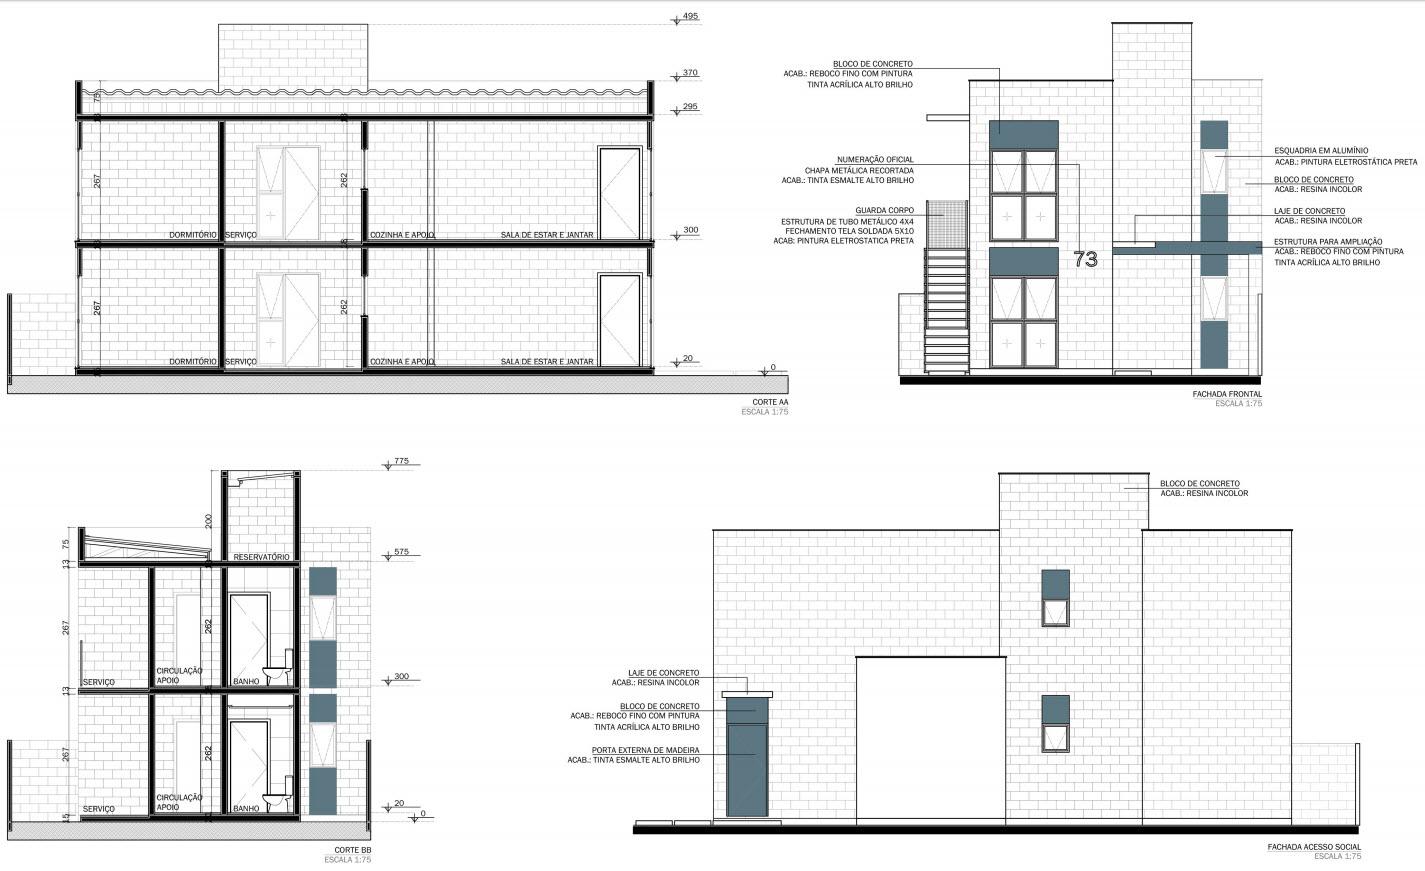 Planos de casa econ mica de uno y dos pisos construye hogar for Planos arquitectonicos de casas